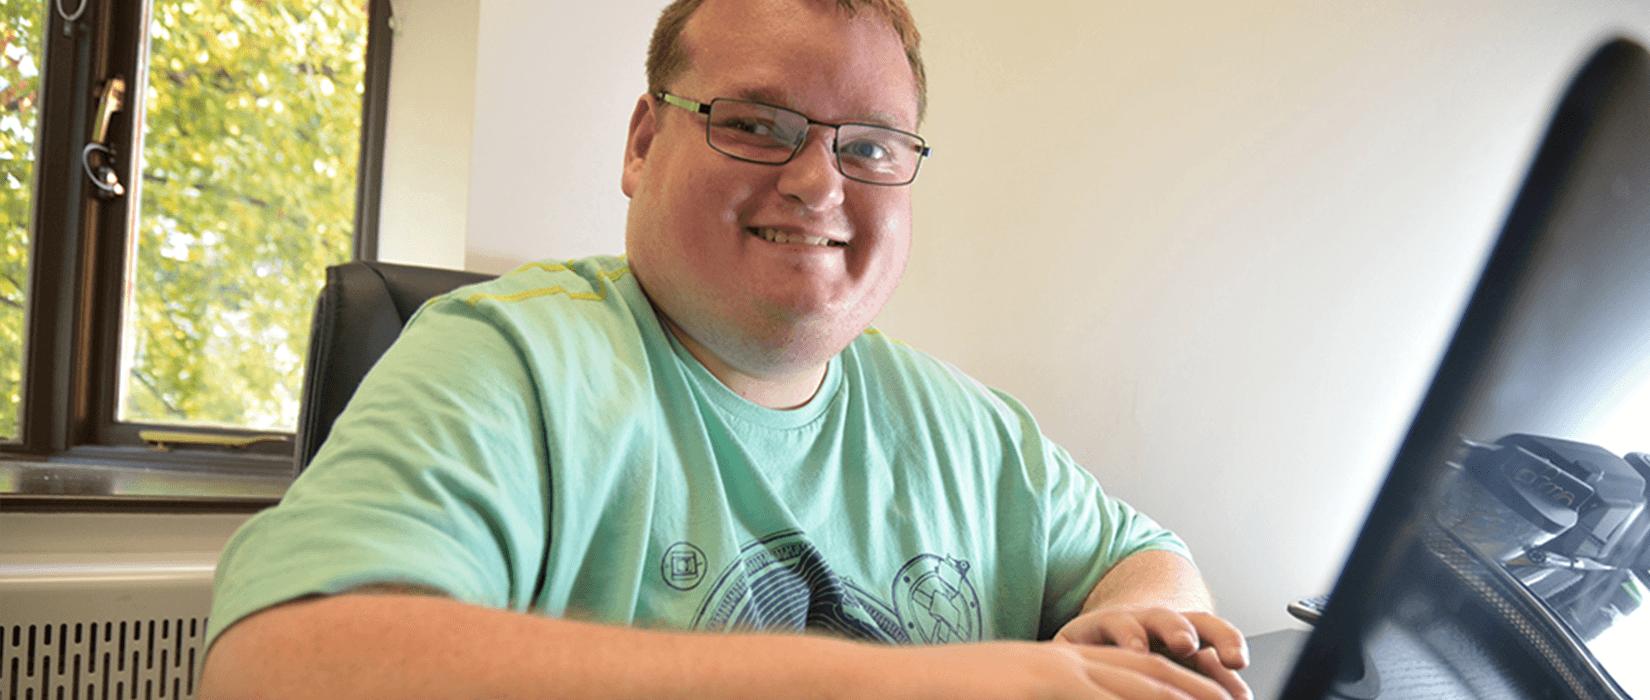 Hinckley volunteer Ben enjoys his first paid job